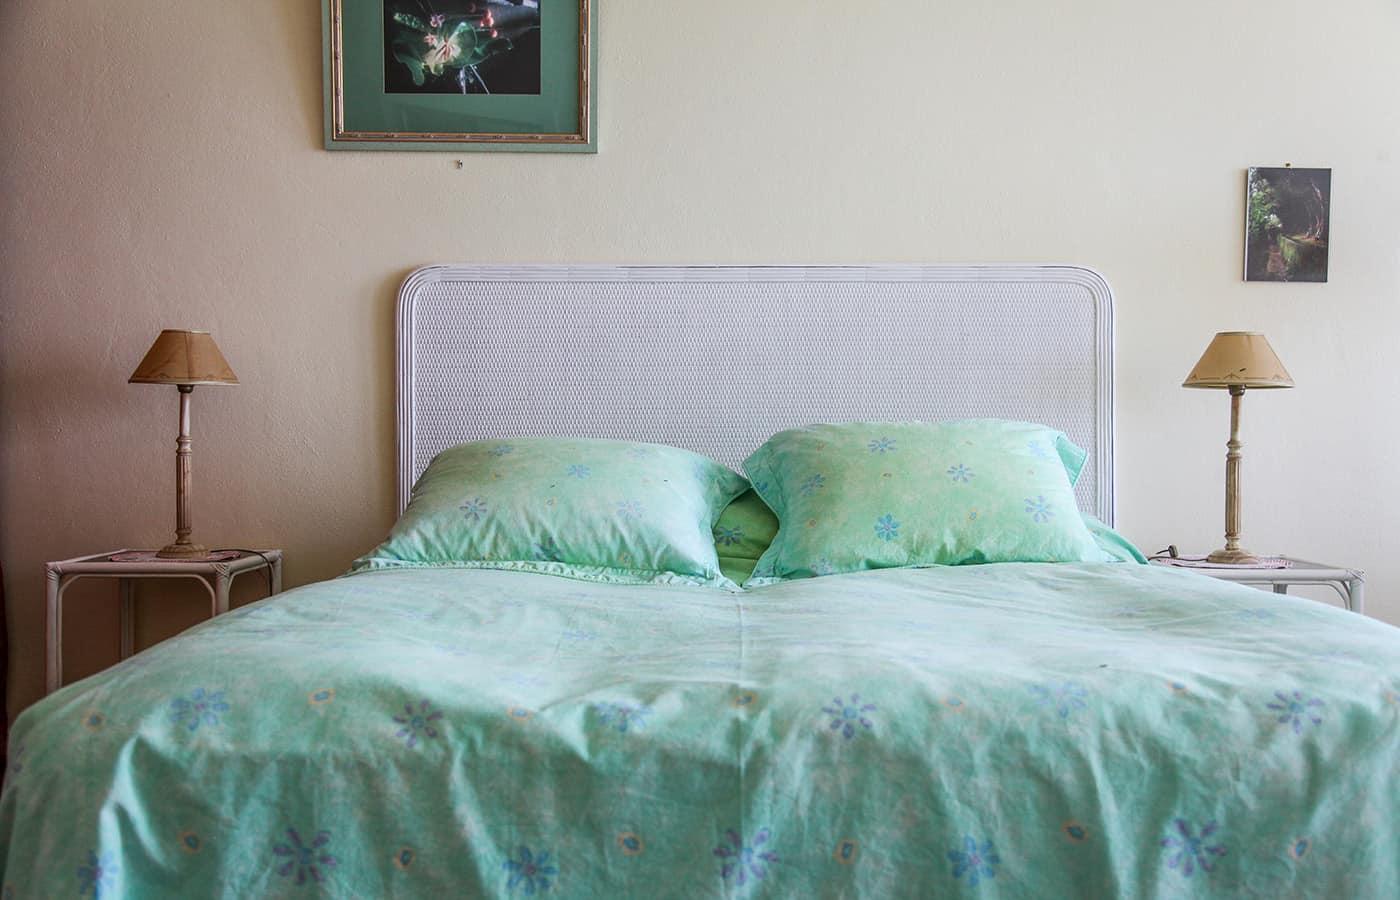 doppelbett tuerkis weiss schlafzimmer madeira. Black Bedroom Furniture Sets. Home Design Ideas